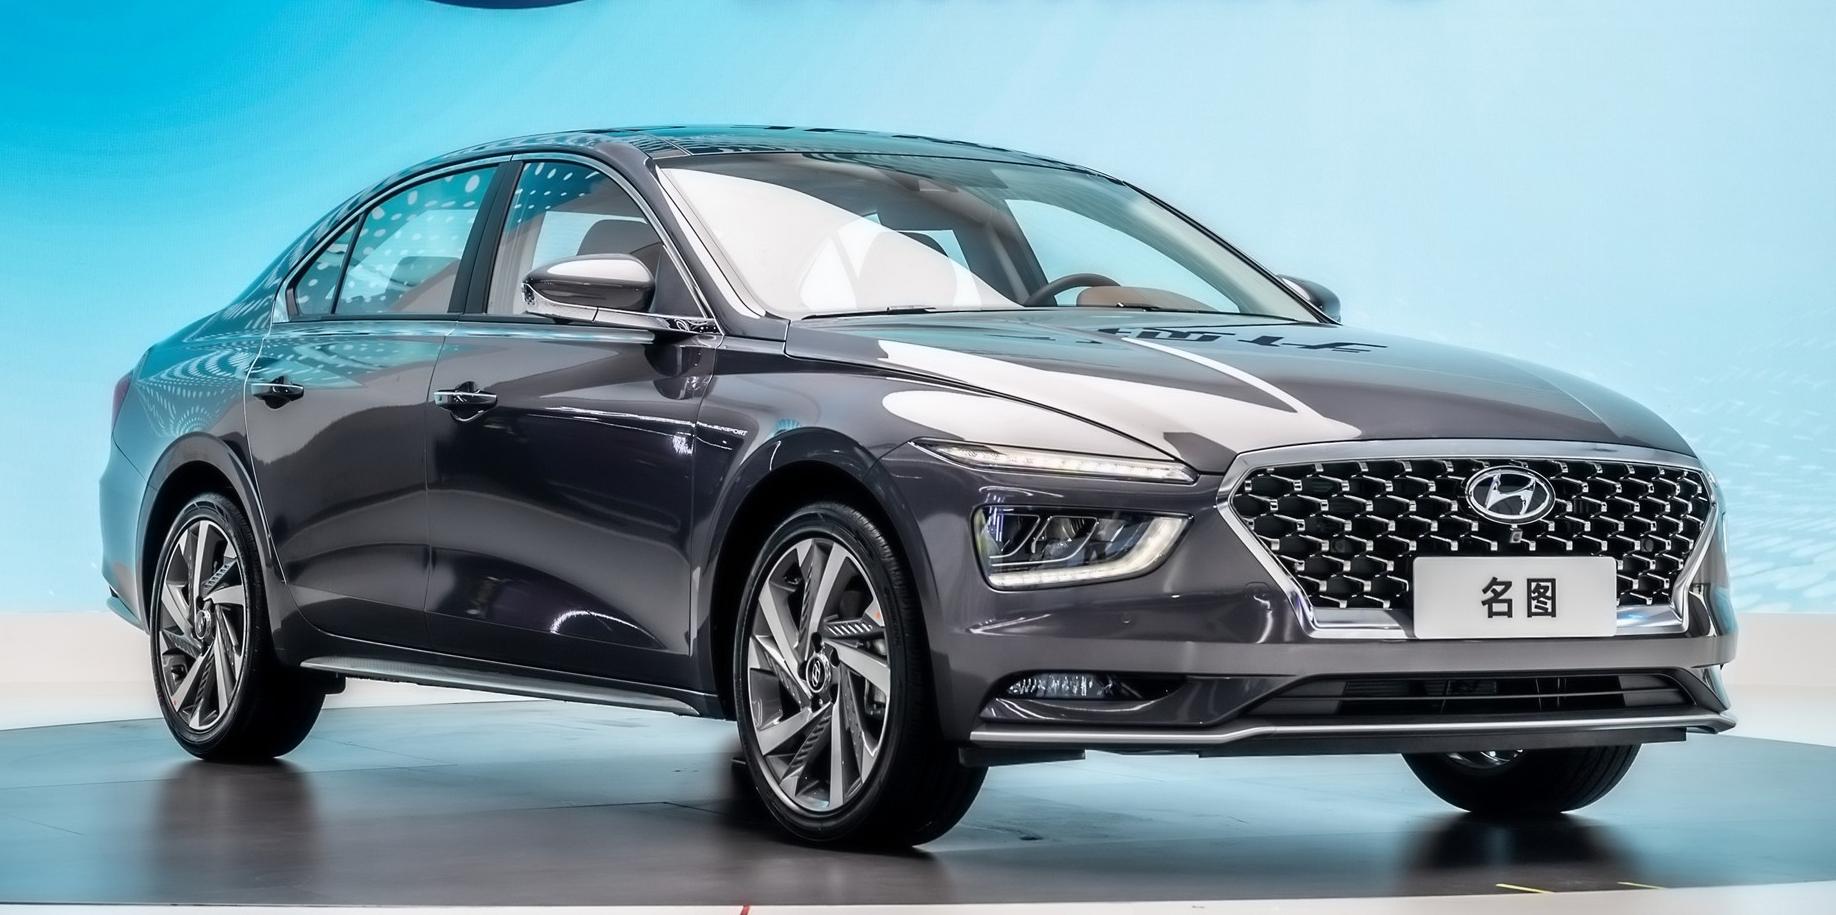 Hyundai Mistra 2021 ra mắt, thiết kế độc quyền cho Trung Quốc 2021-hyundai-mistra-8.jpg